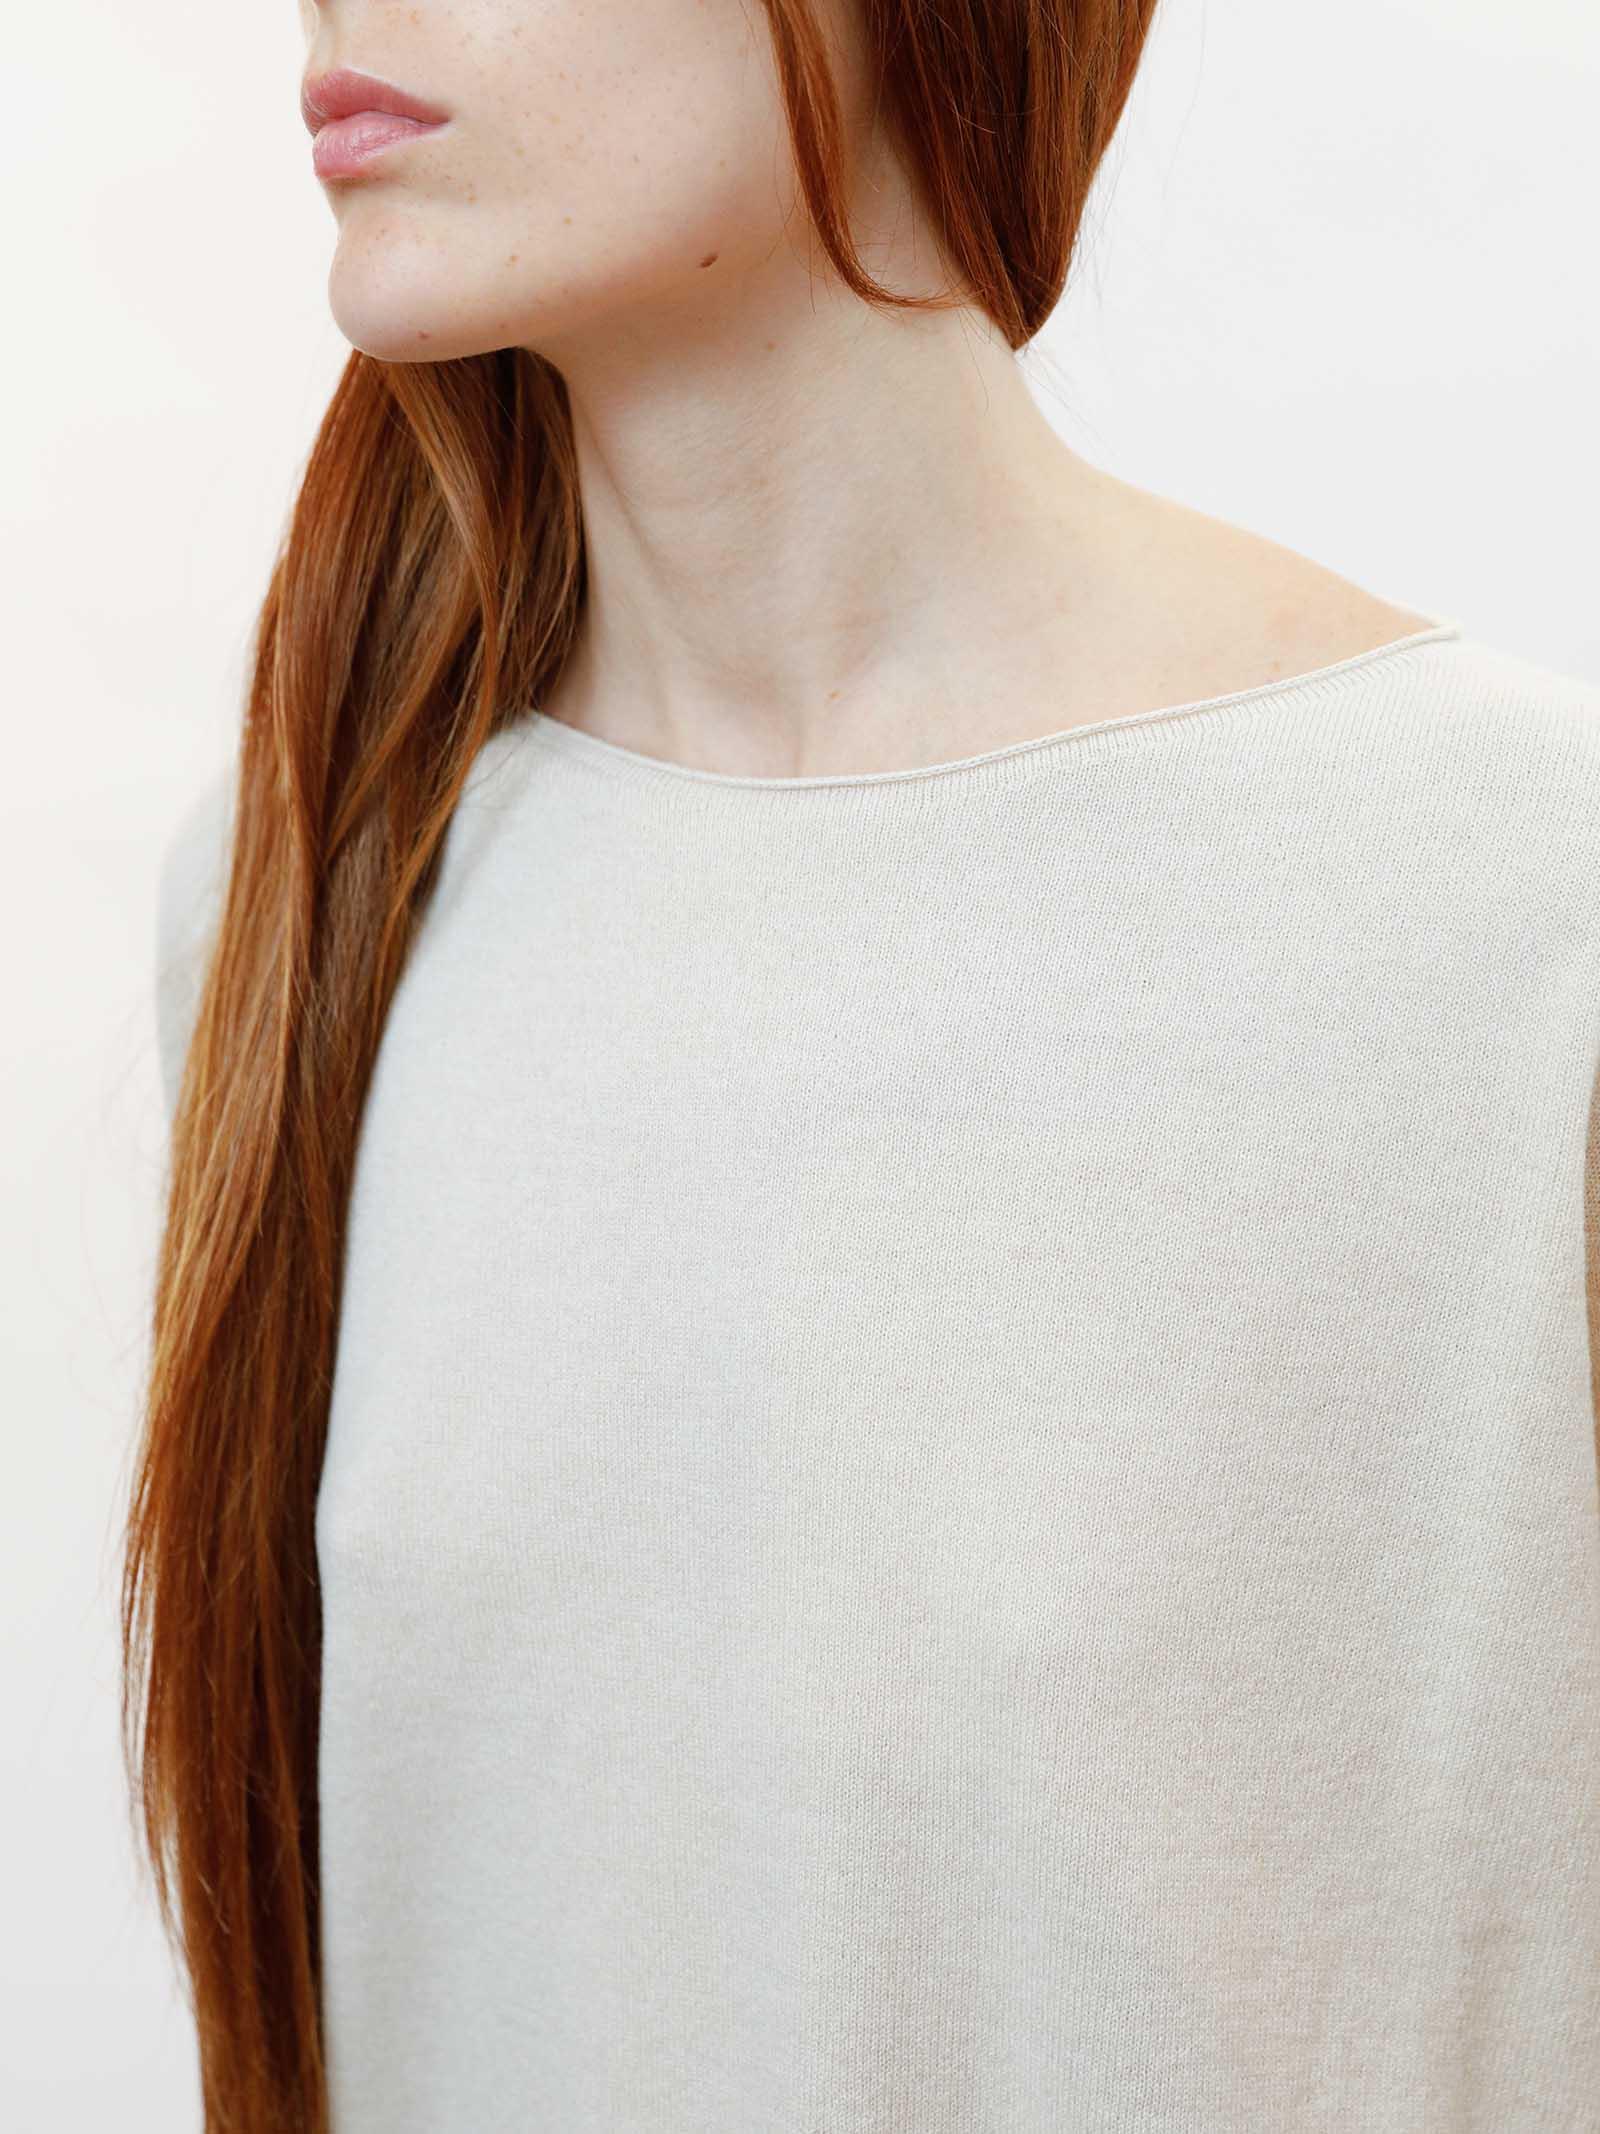 Abbigliamento Donna Maglia Wool & Cachemire Avorio con Scollo Largo Maliparmi   Maglieria   JQ48787425710003